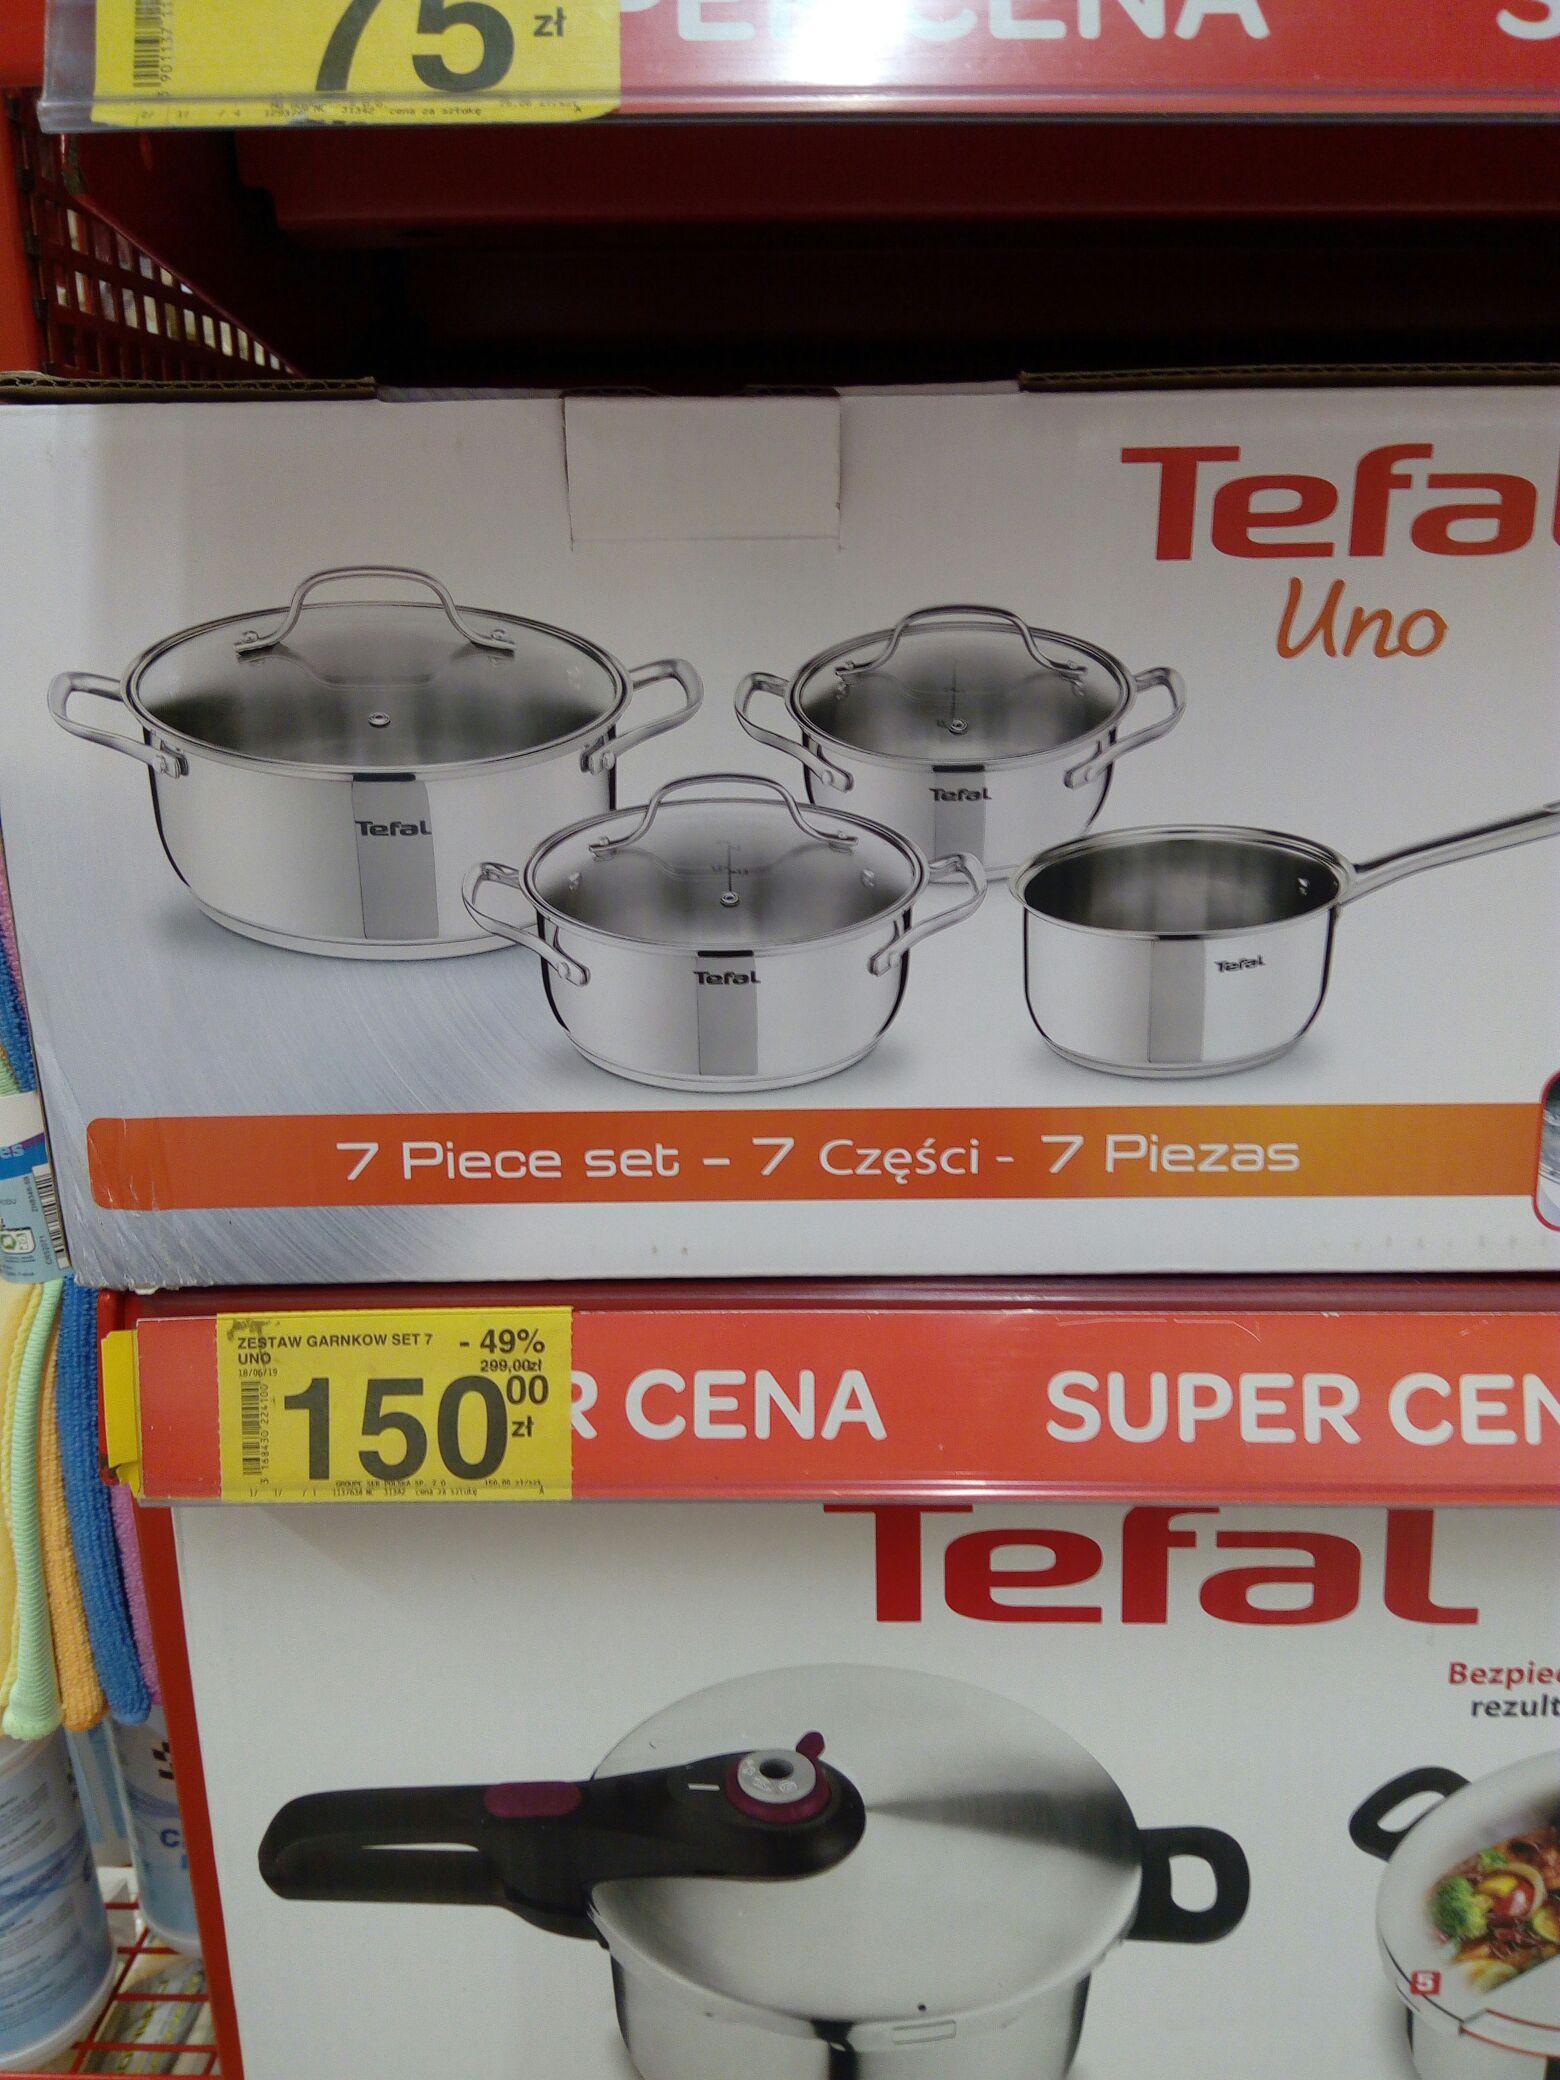 Tefal Uno czestaw 7 części (4 garnki + 3 pokrywki) Carrefour Puławy